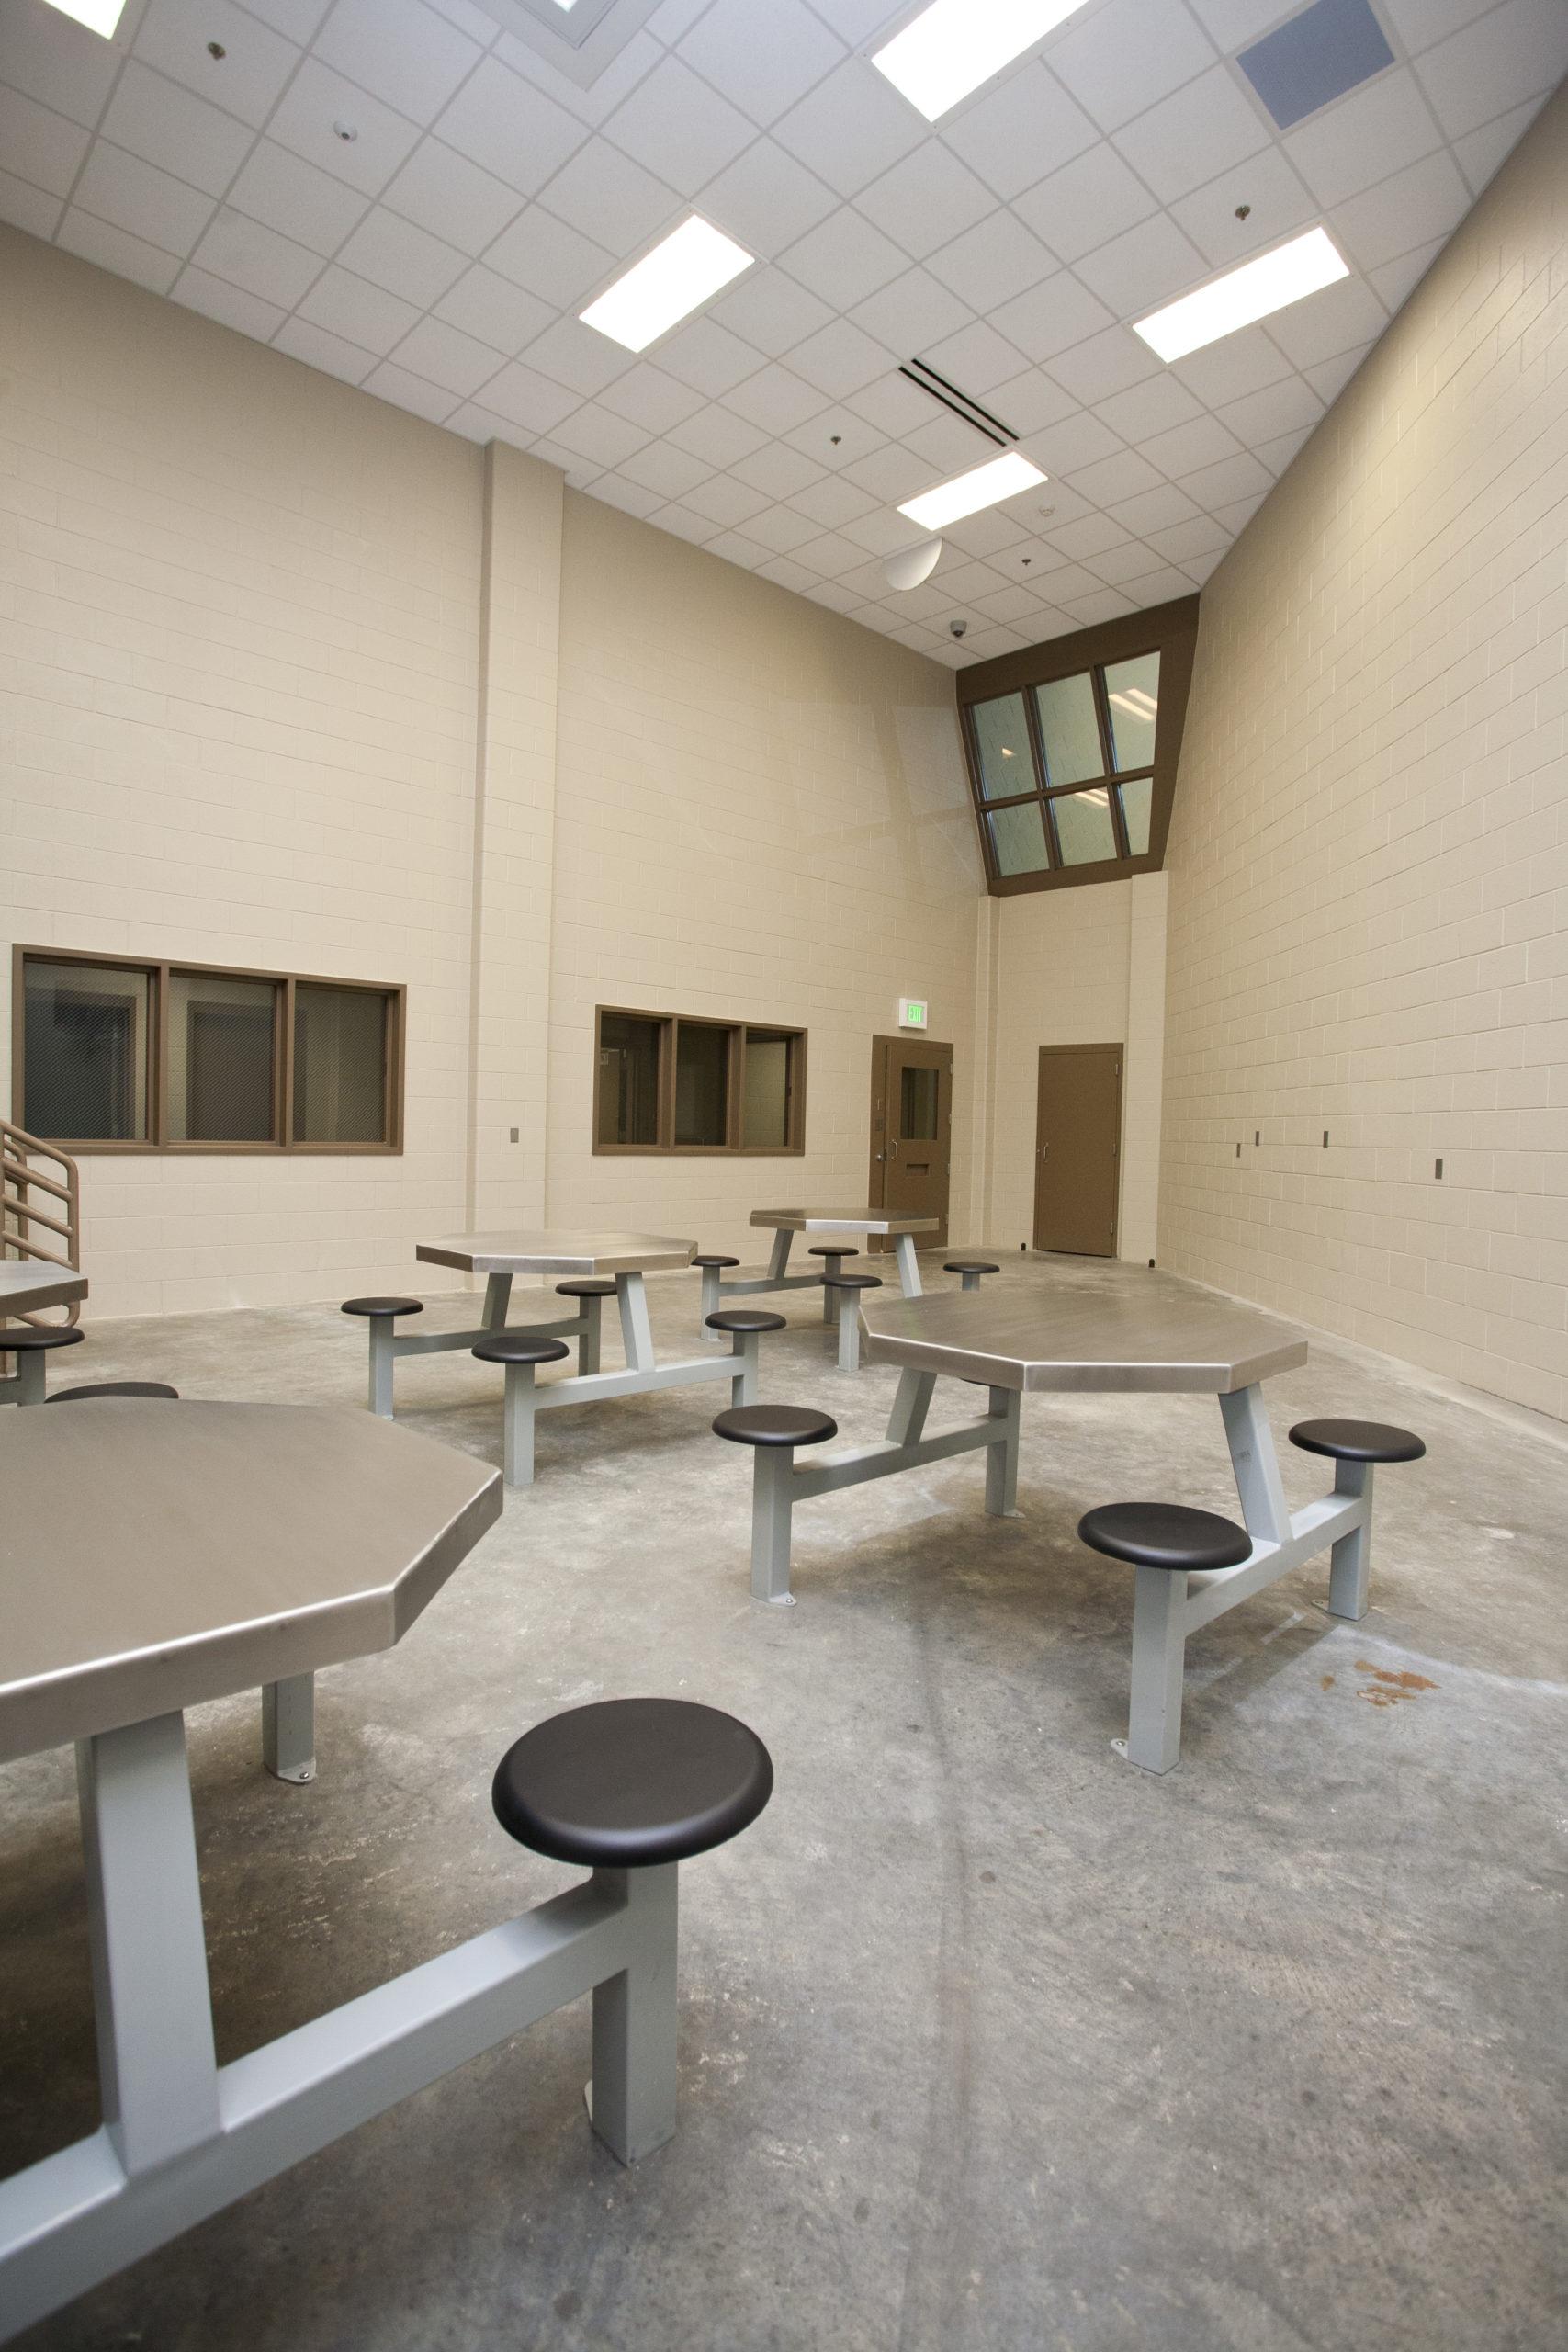 Inmate Programming